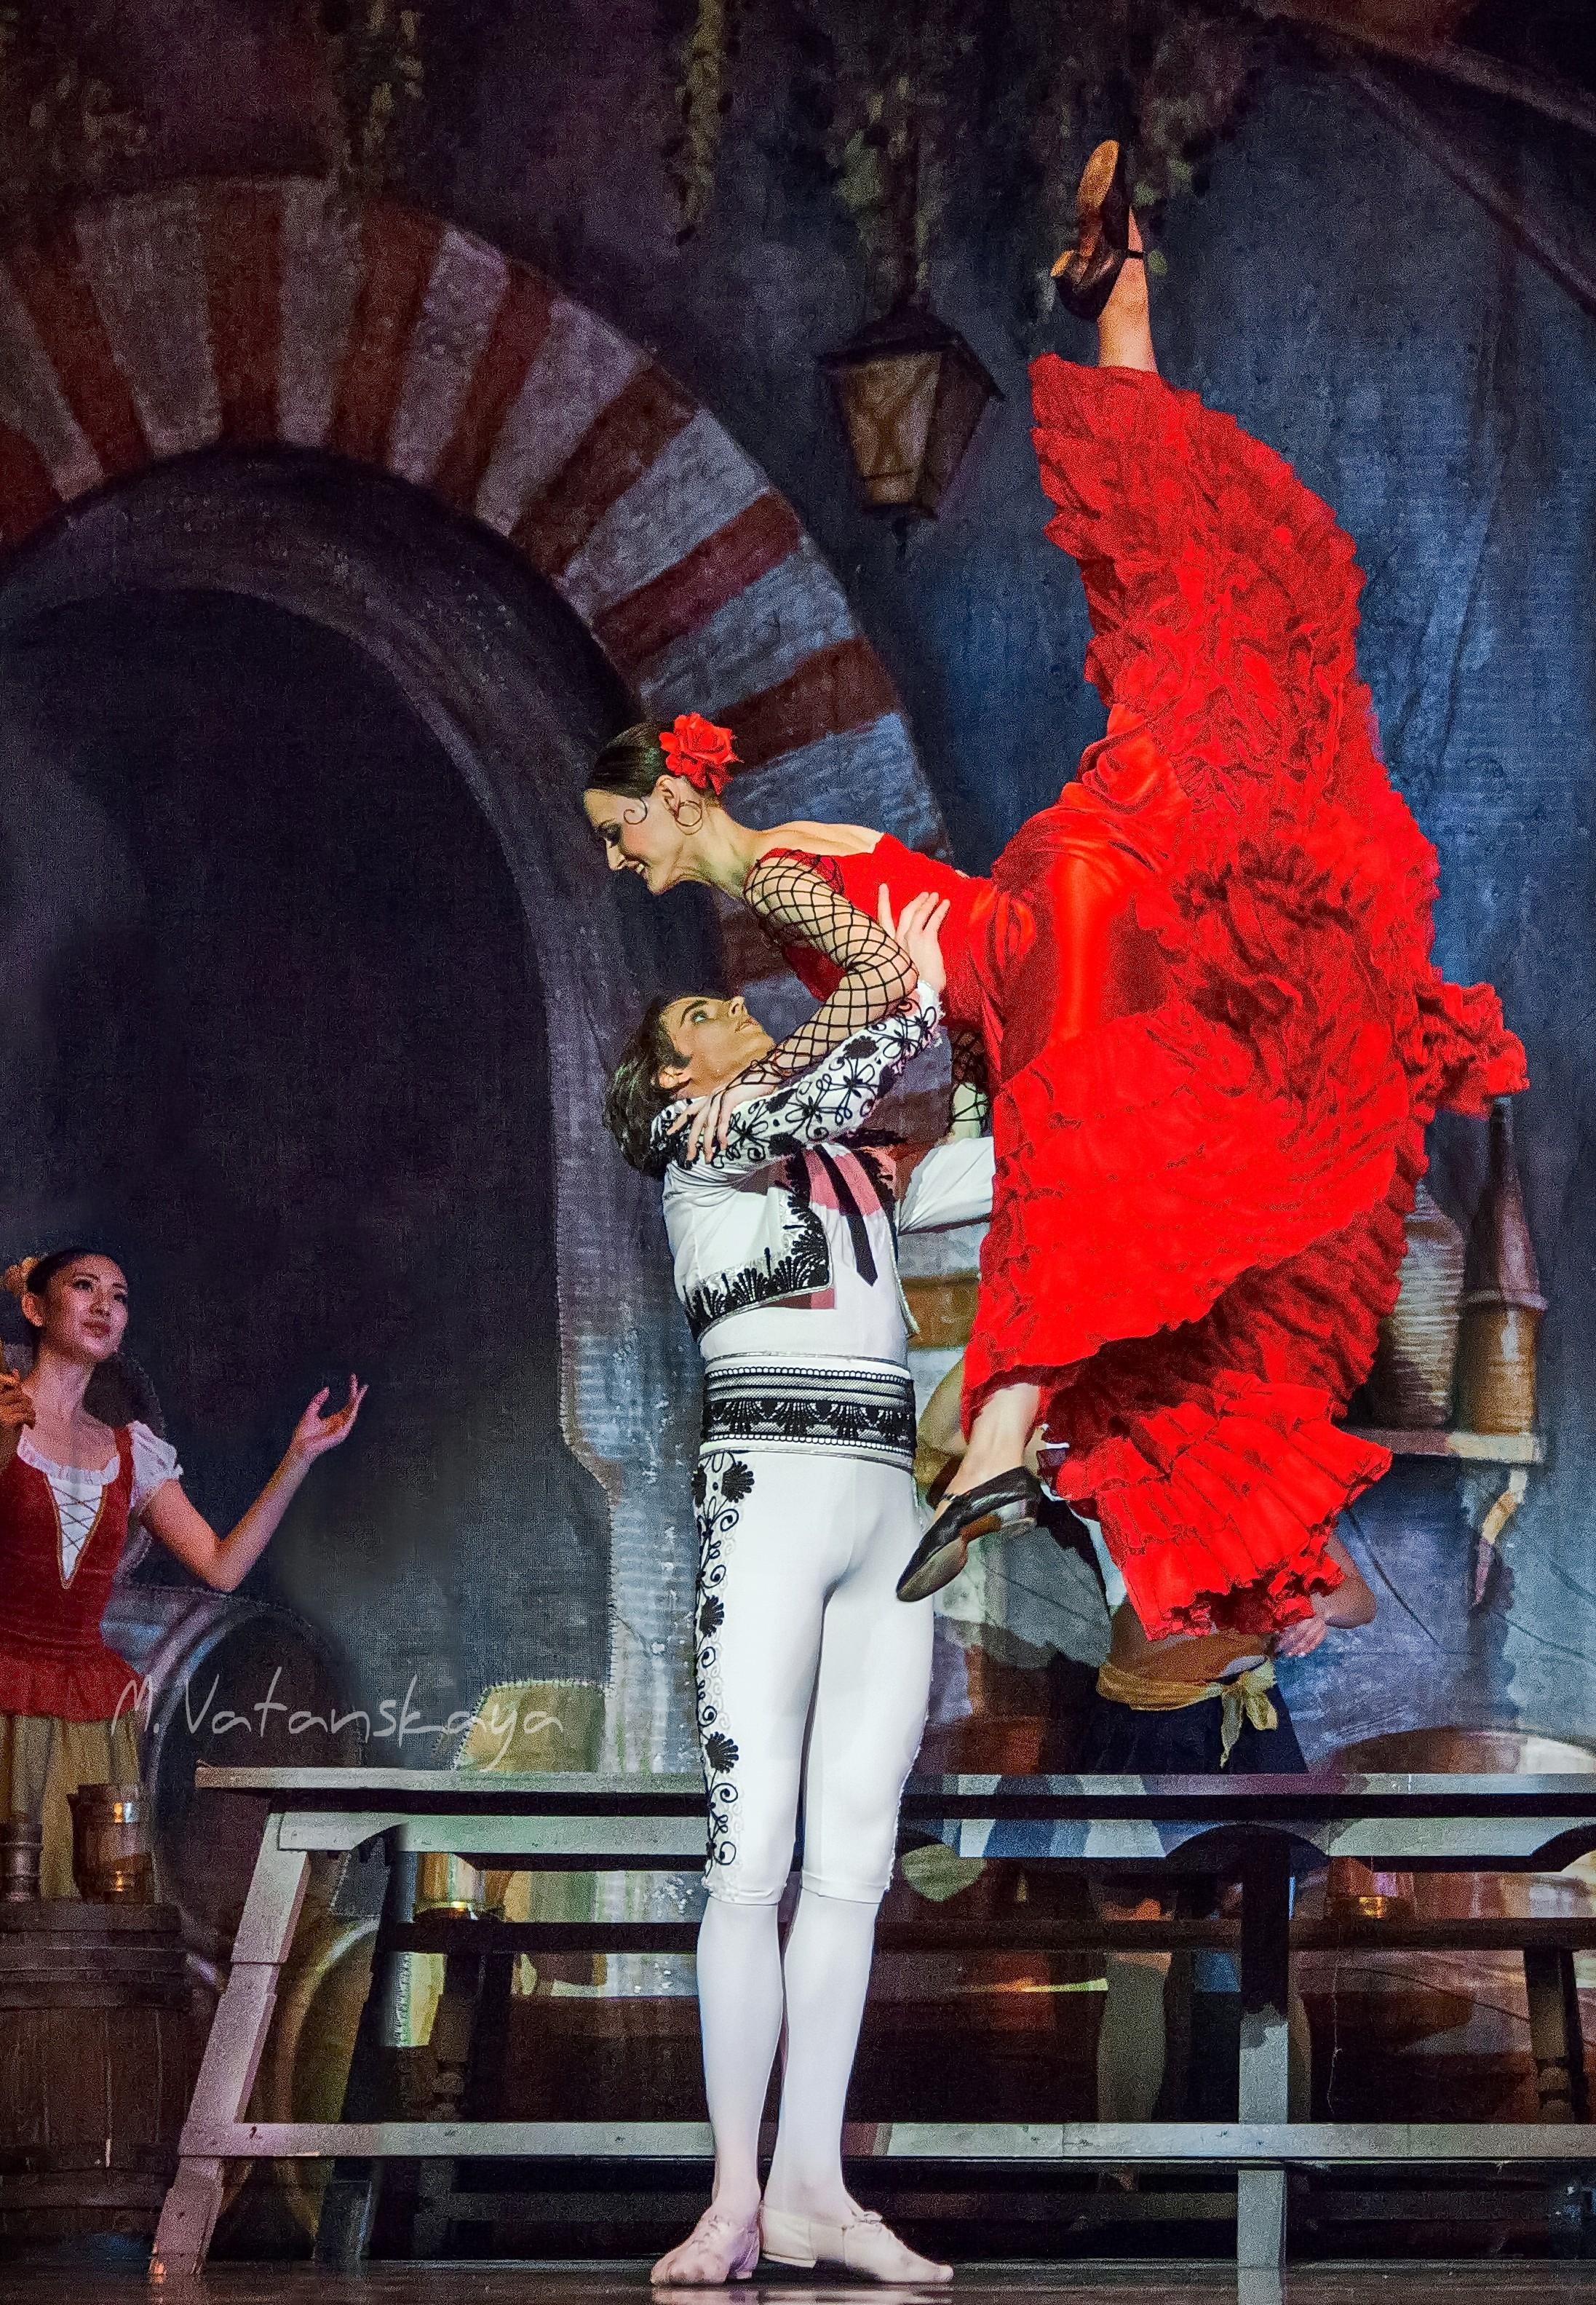 Поклонники балета спешите, ведь 27 февраля будет дан первый в этом году спектакль «Дон Кихот»